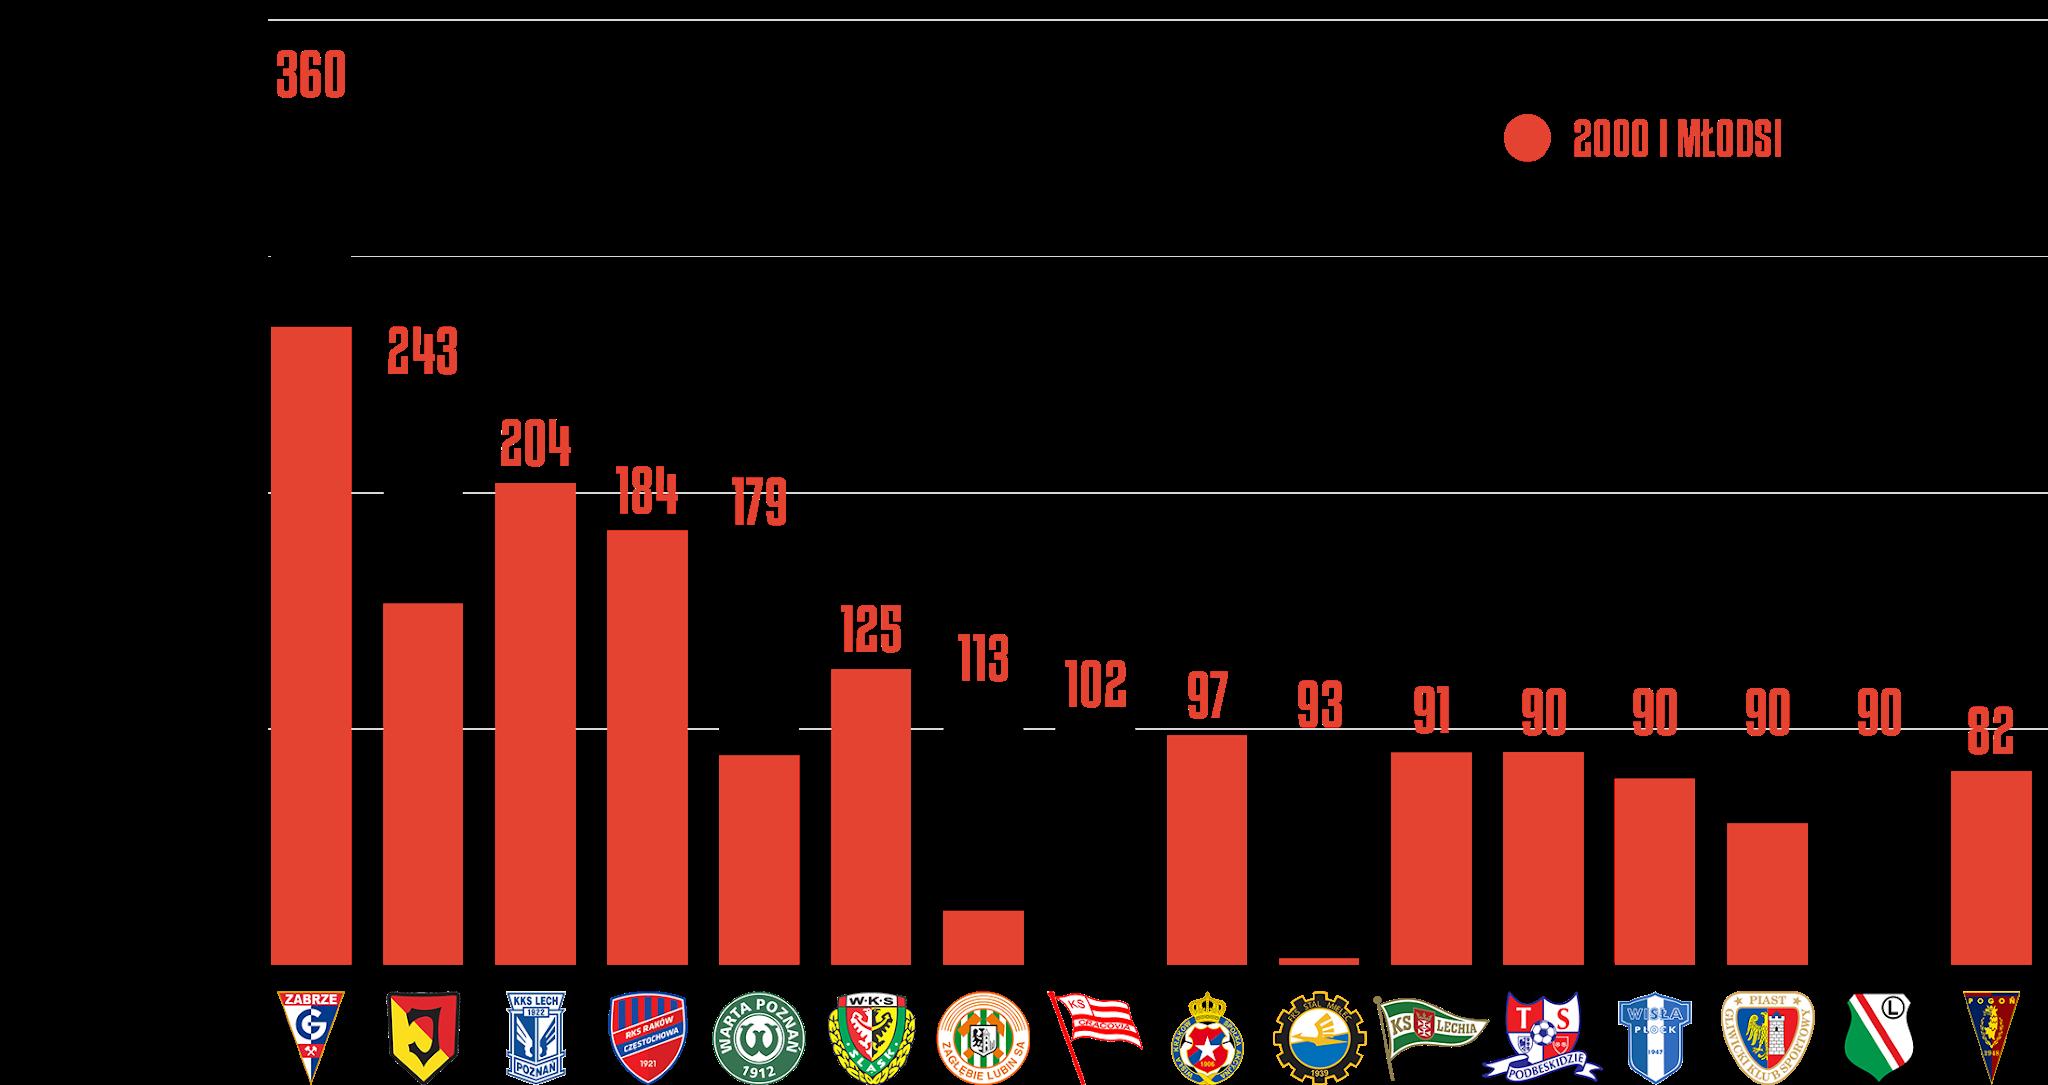 Klasyfikacja klubów pod względem rozegranego czasu przez młodzieżowców w21.kolejce PKO Ekstraklasy<br><br>Źródło: Opracowanie własne na podstawie ekstrastats.pl<br><br>graf. Bartosz Urban